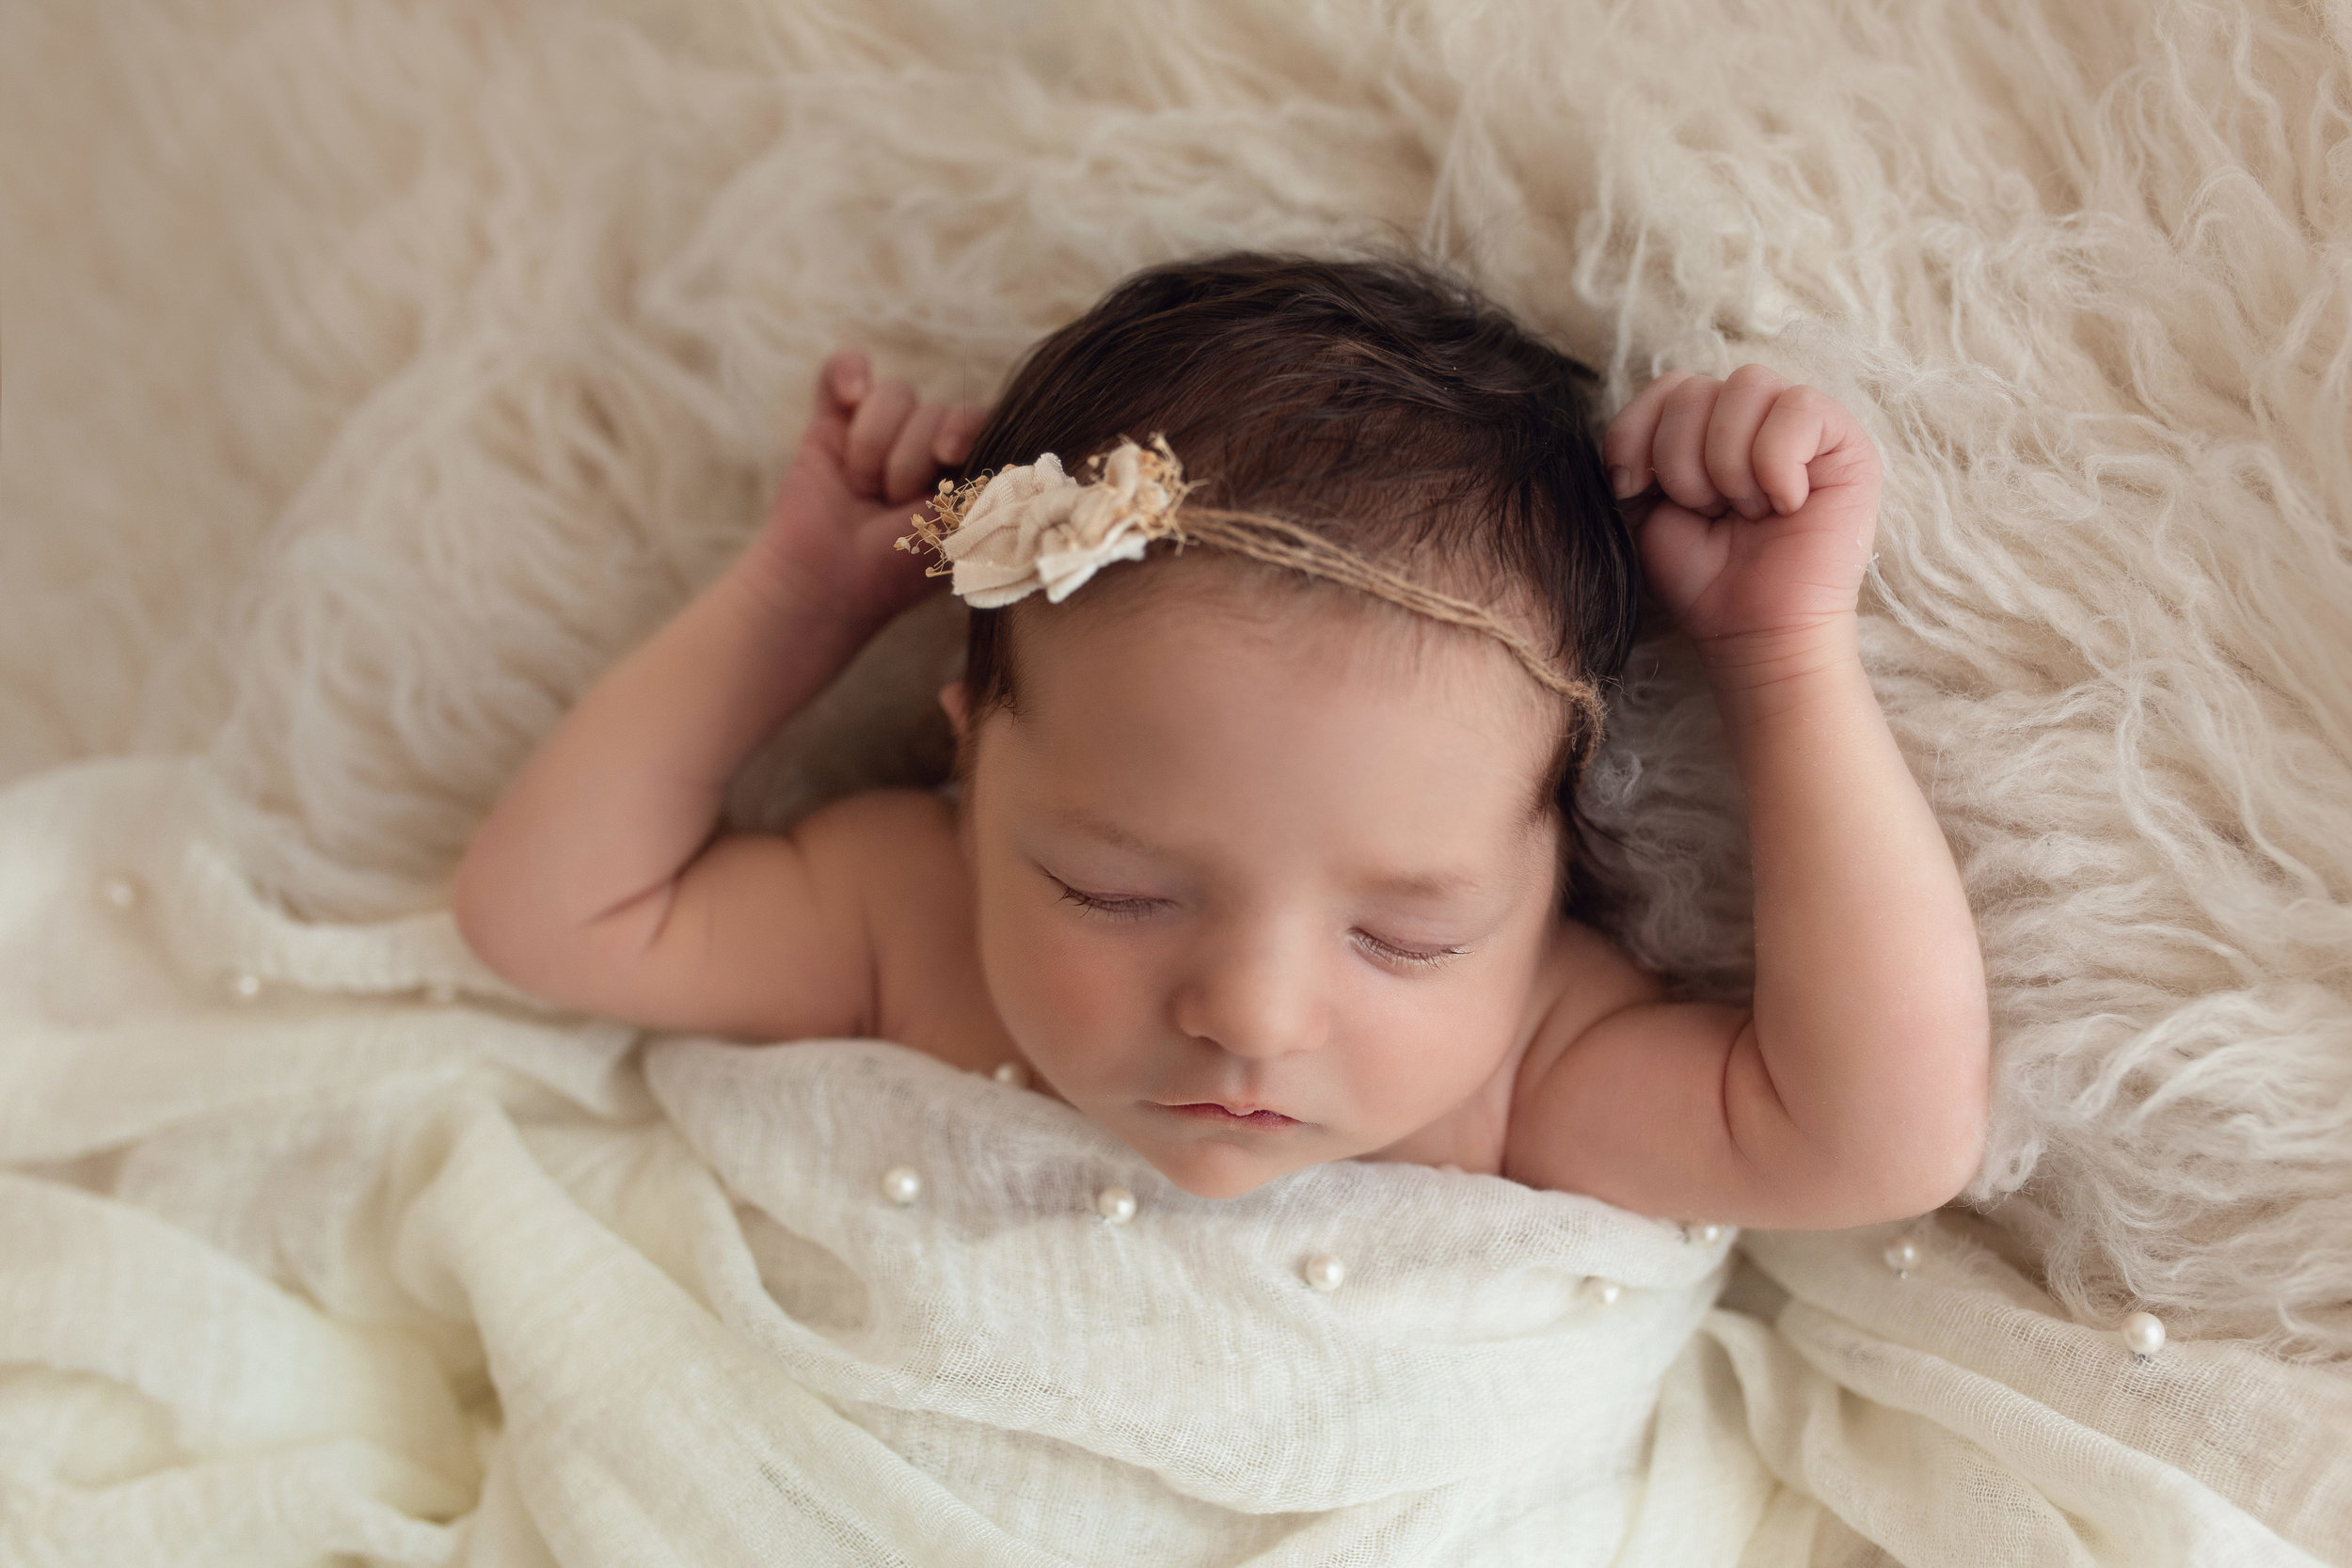 ensaio-newborn-fotografia-rio-de-janeiro-rj-barra-da-tijuca-estudio-em-casa-domicilio-perinatal-laranjeiras-zona-sul-sao-paulo-sp-rogerio-leandro-dr-workshop-mentoria-vip-melhor-1.jpg